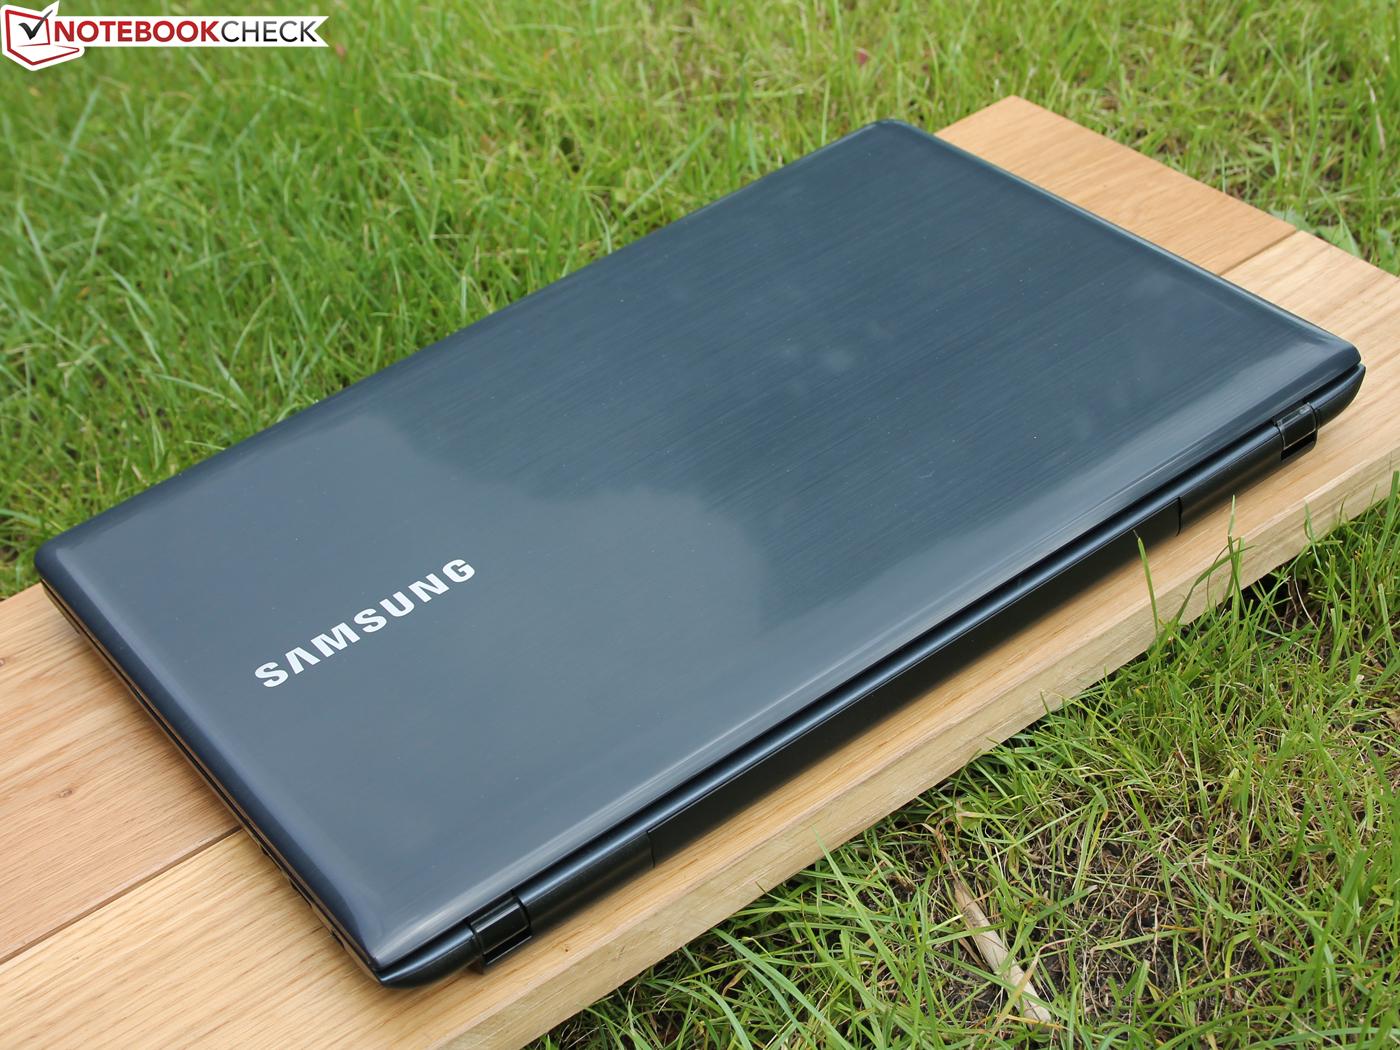 Notebook samsung ativ book 2 - M S Bien Vino Viejo En Botellas Nuevas El Samsung Ativ Book 2 270e5e